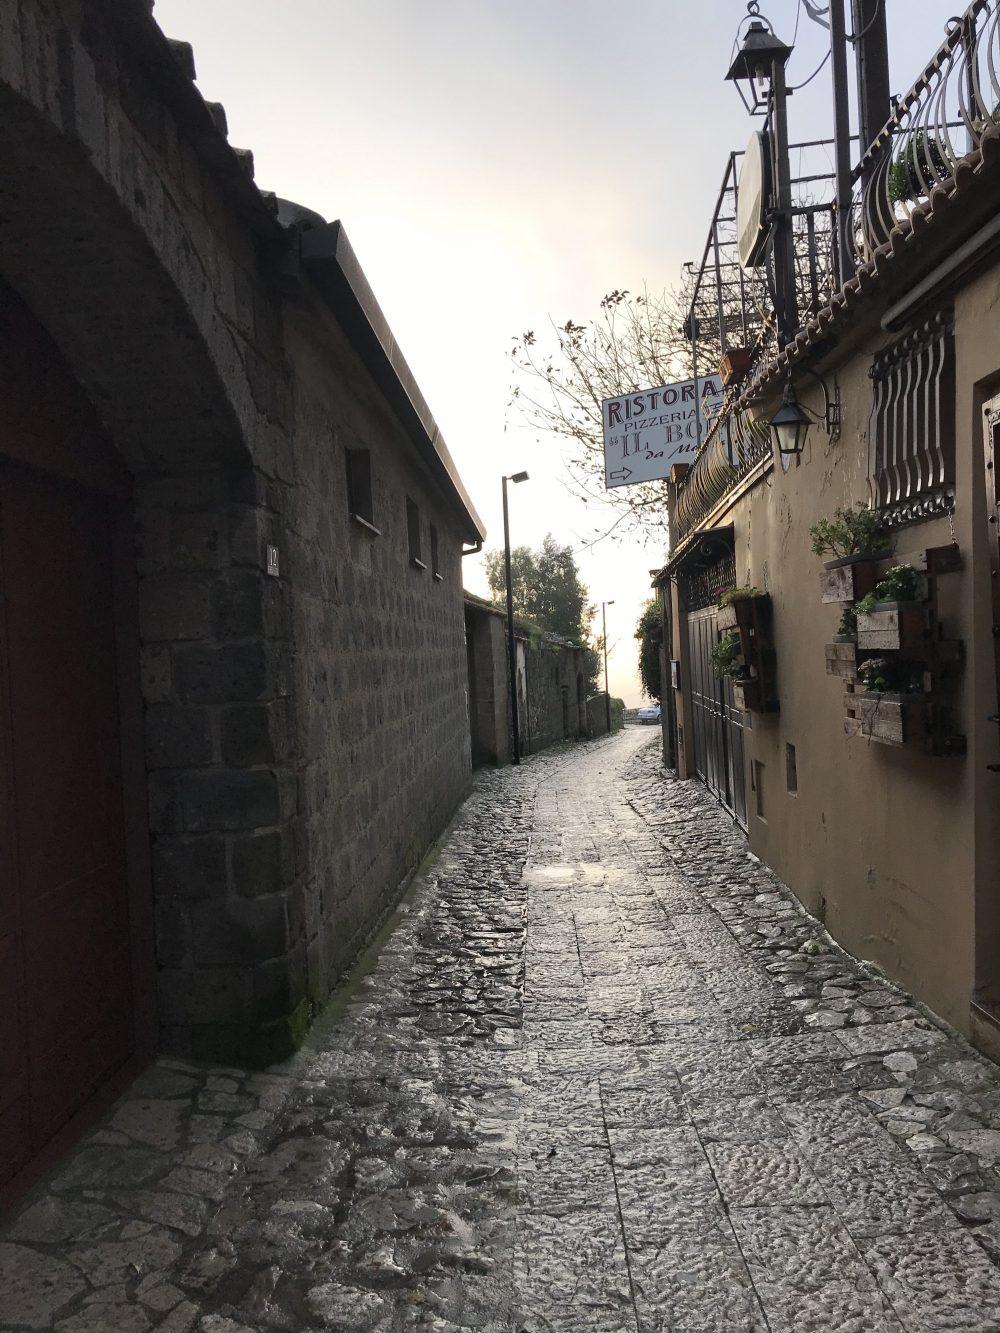 Il Borgo da Modesto - vicolo del borgo di Caserta Vecchia